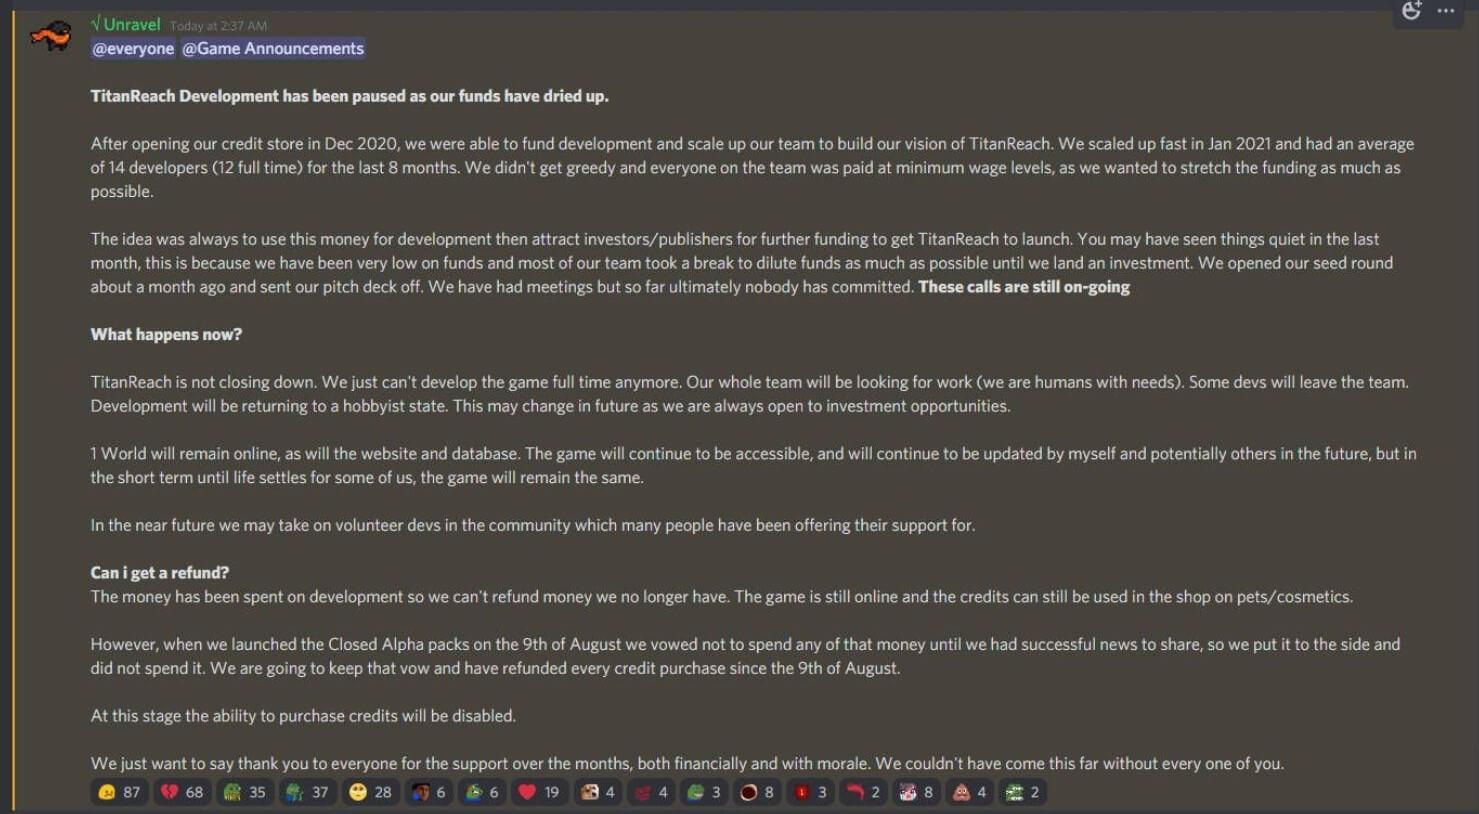 TitanReach больше не развивается - у разработчиков закончились деньги